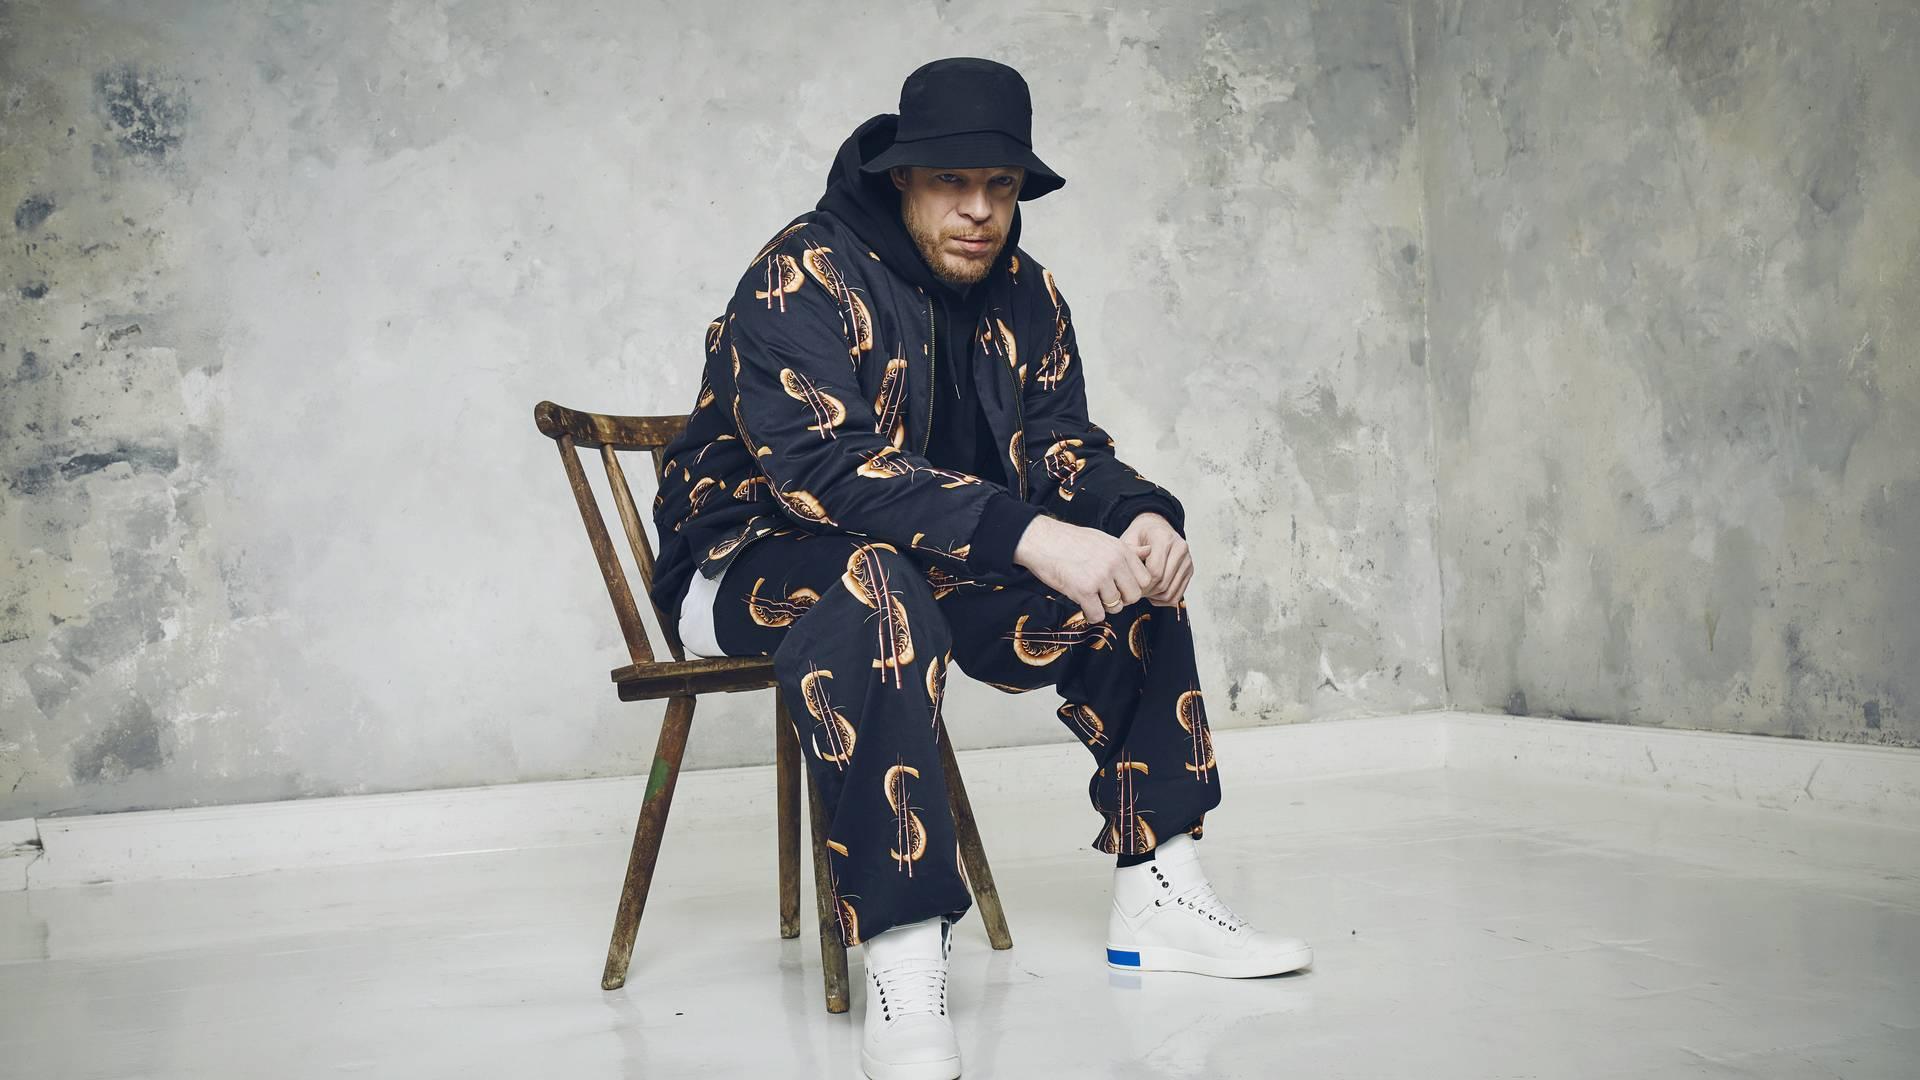 Ferris MC macht jetzt einen auf Hardcore-Gangsta-Rapper ...